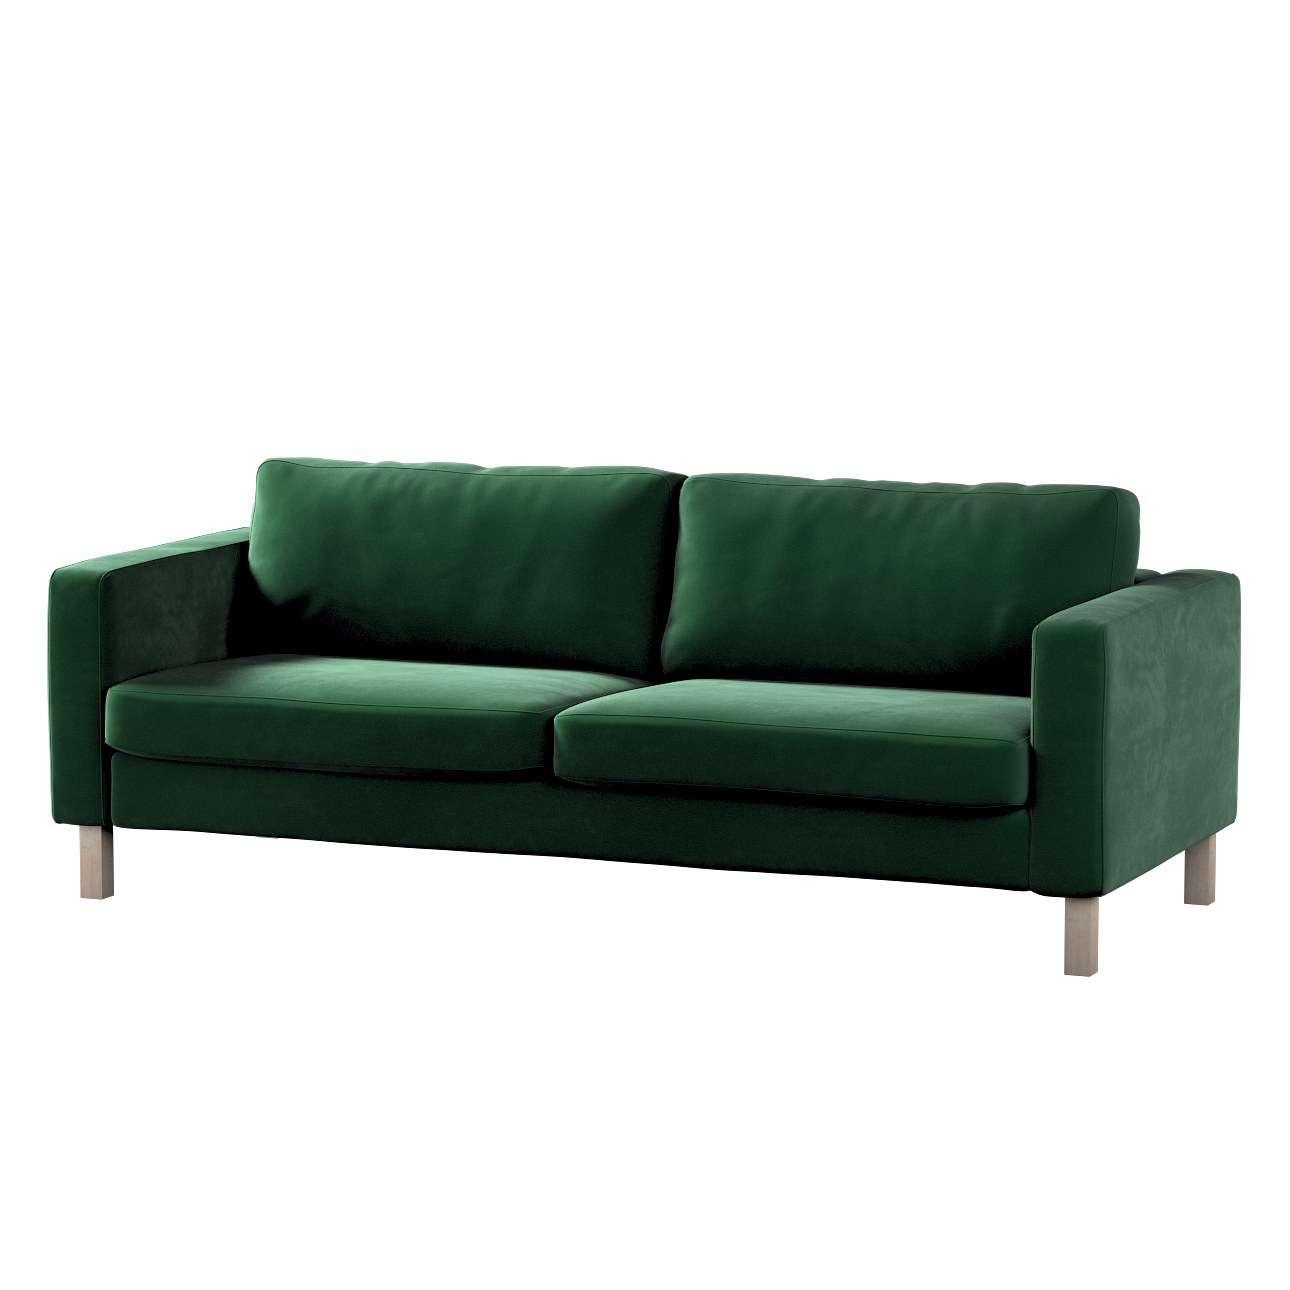 Potah na pohovku IKEA  Karlstad 3-místná, nerozkládací, krátký v kolekci Velvet, látka: 704-13